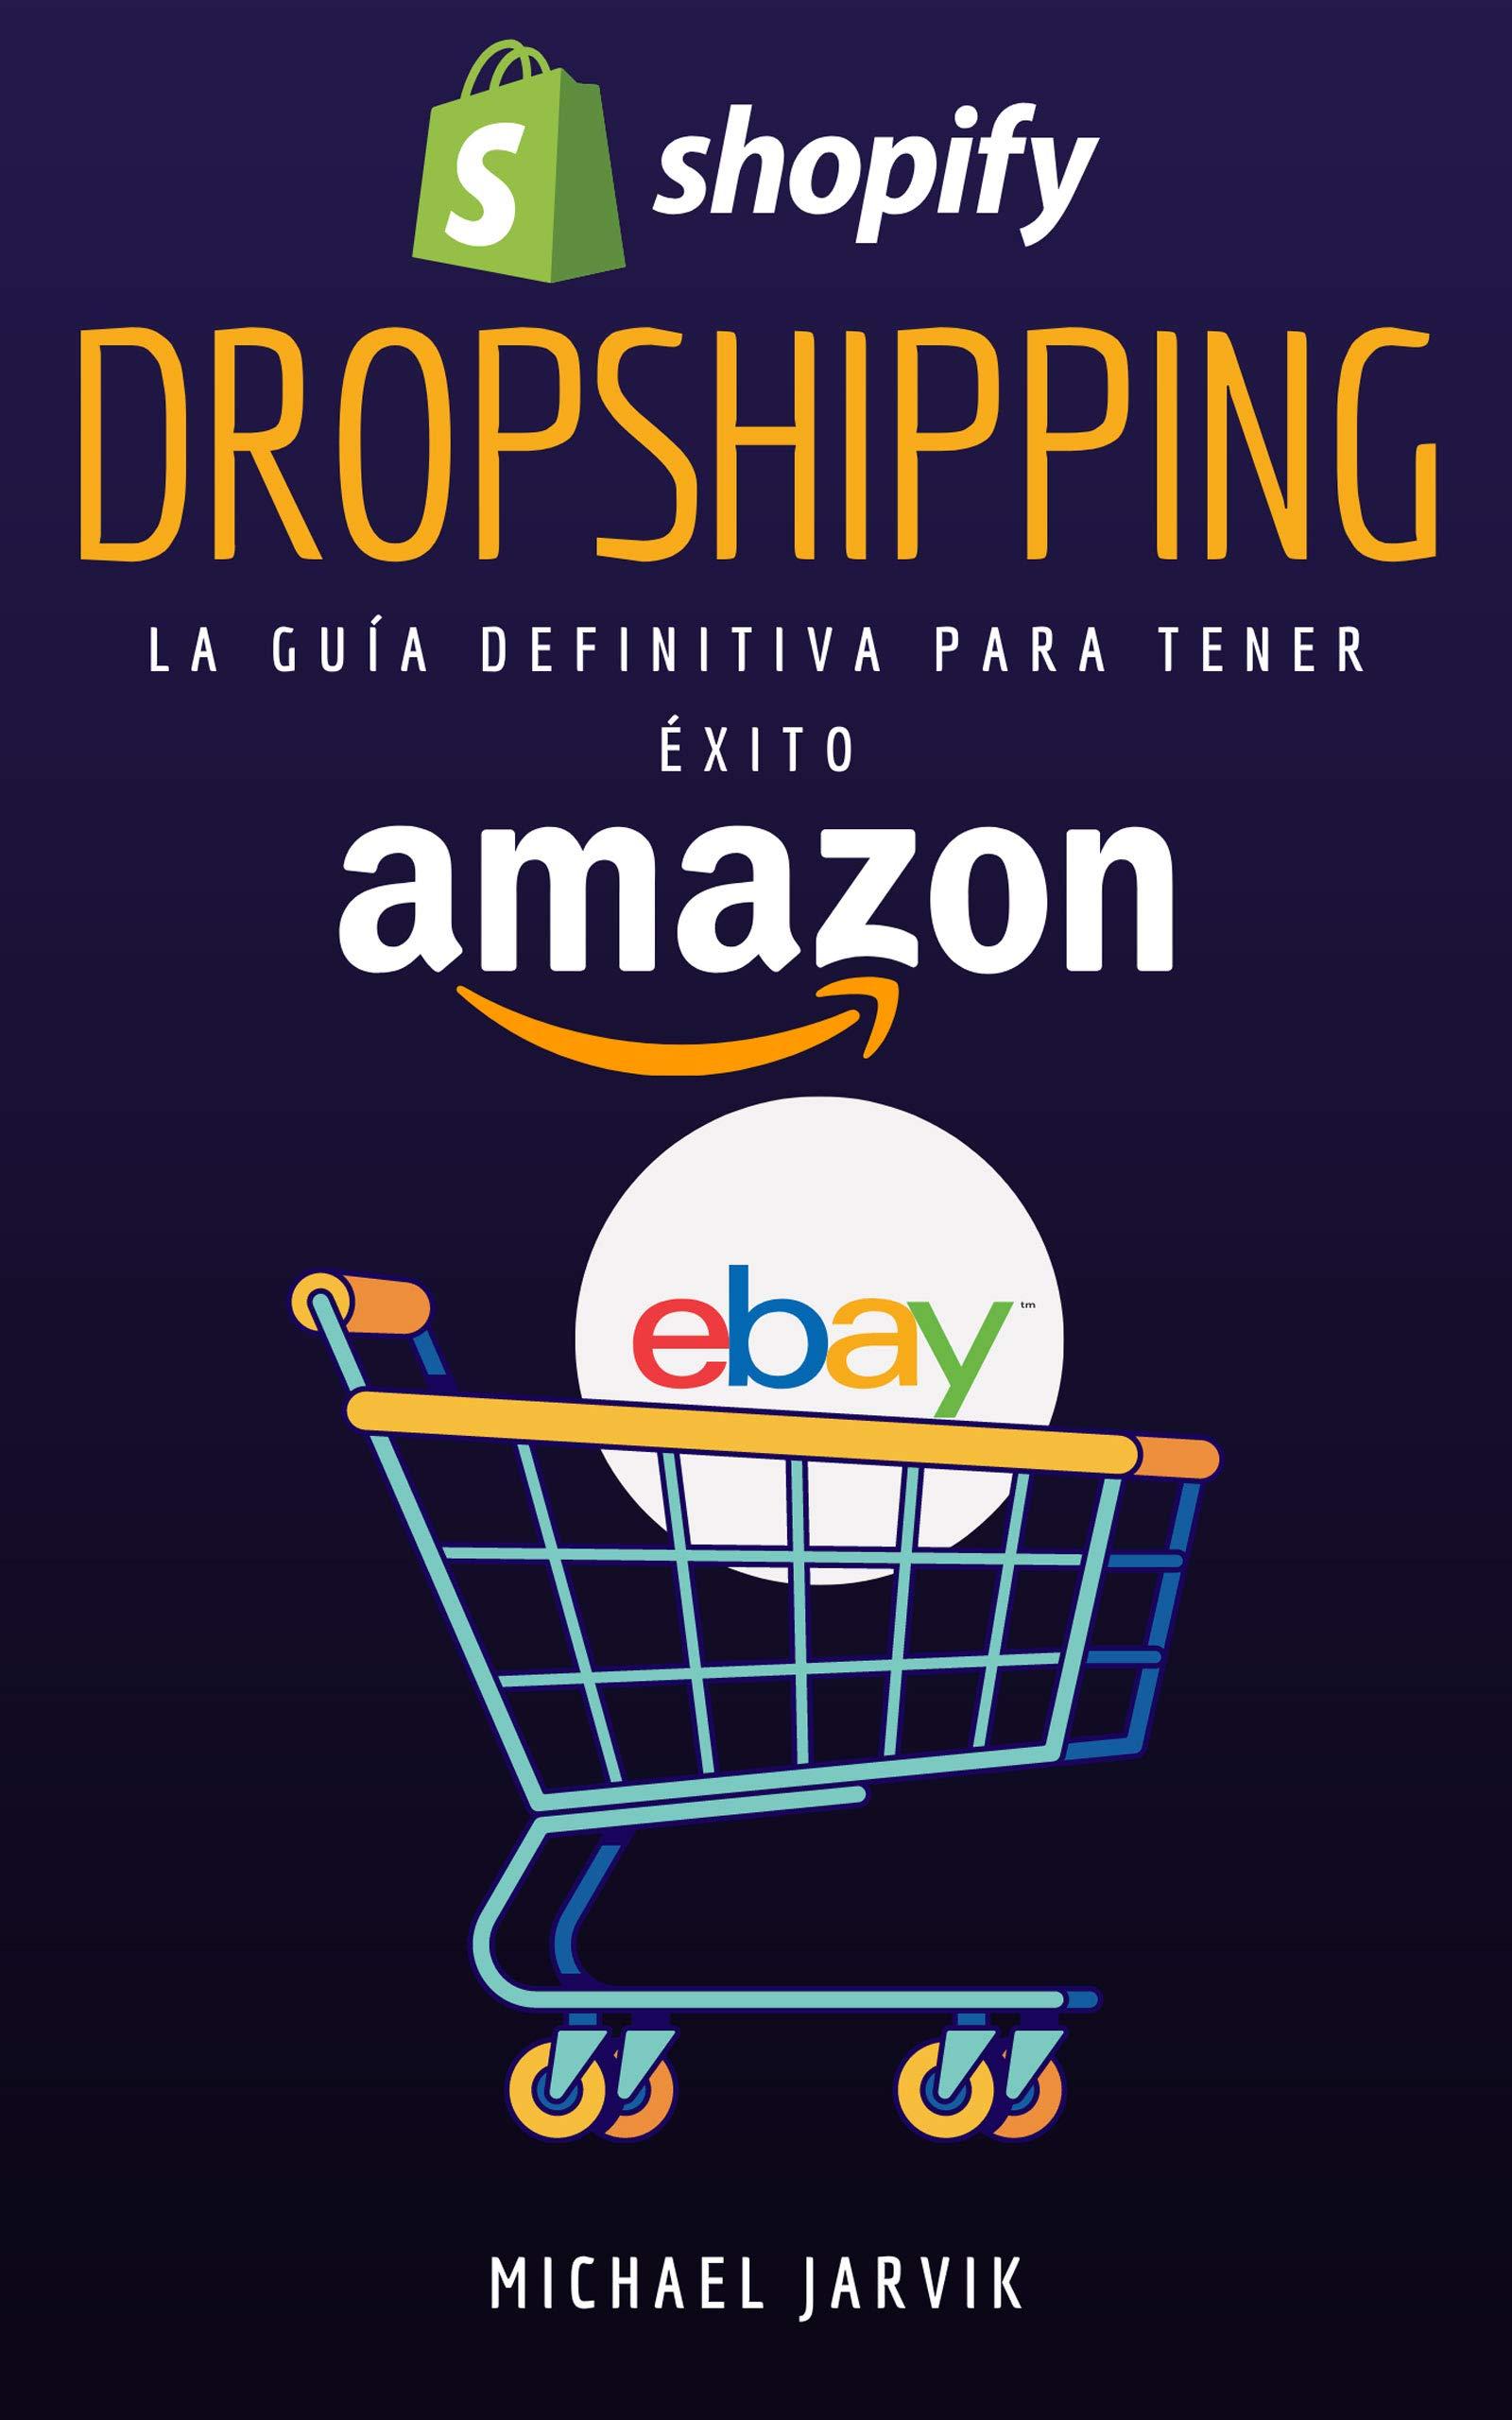 Dropshipping La guía definitiva para tener éxito: 14 pasos para comenzar en el Dropshipping (Spanish Edition)